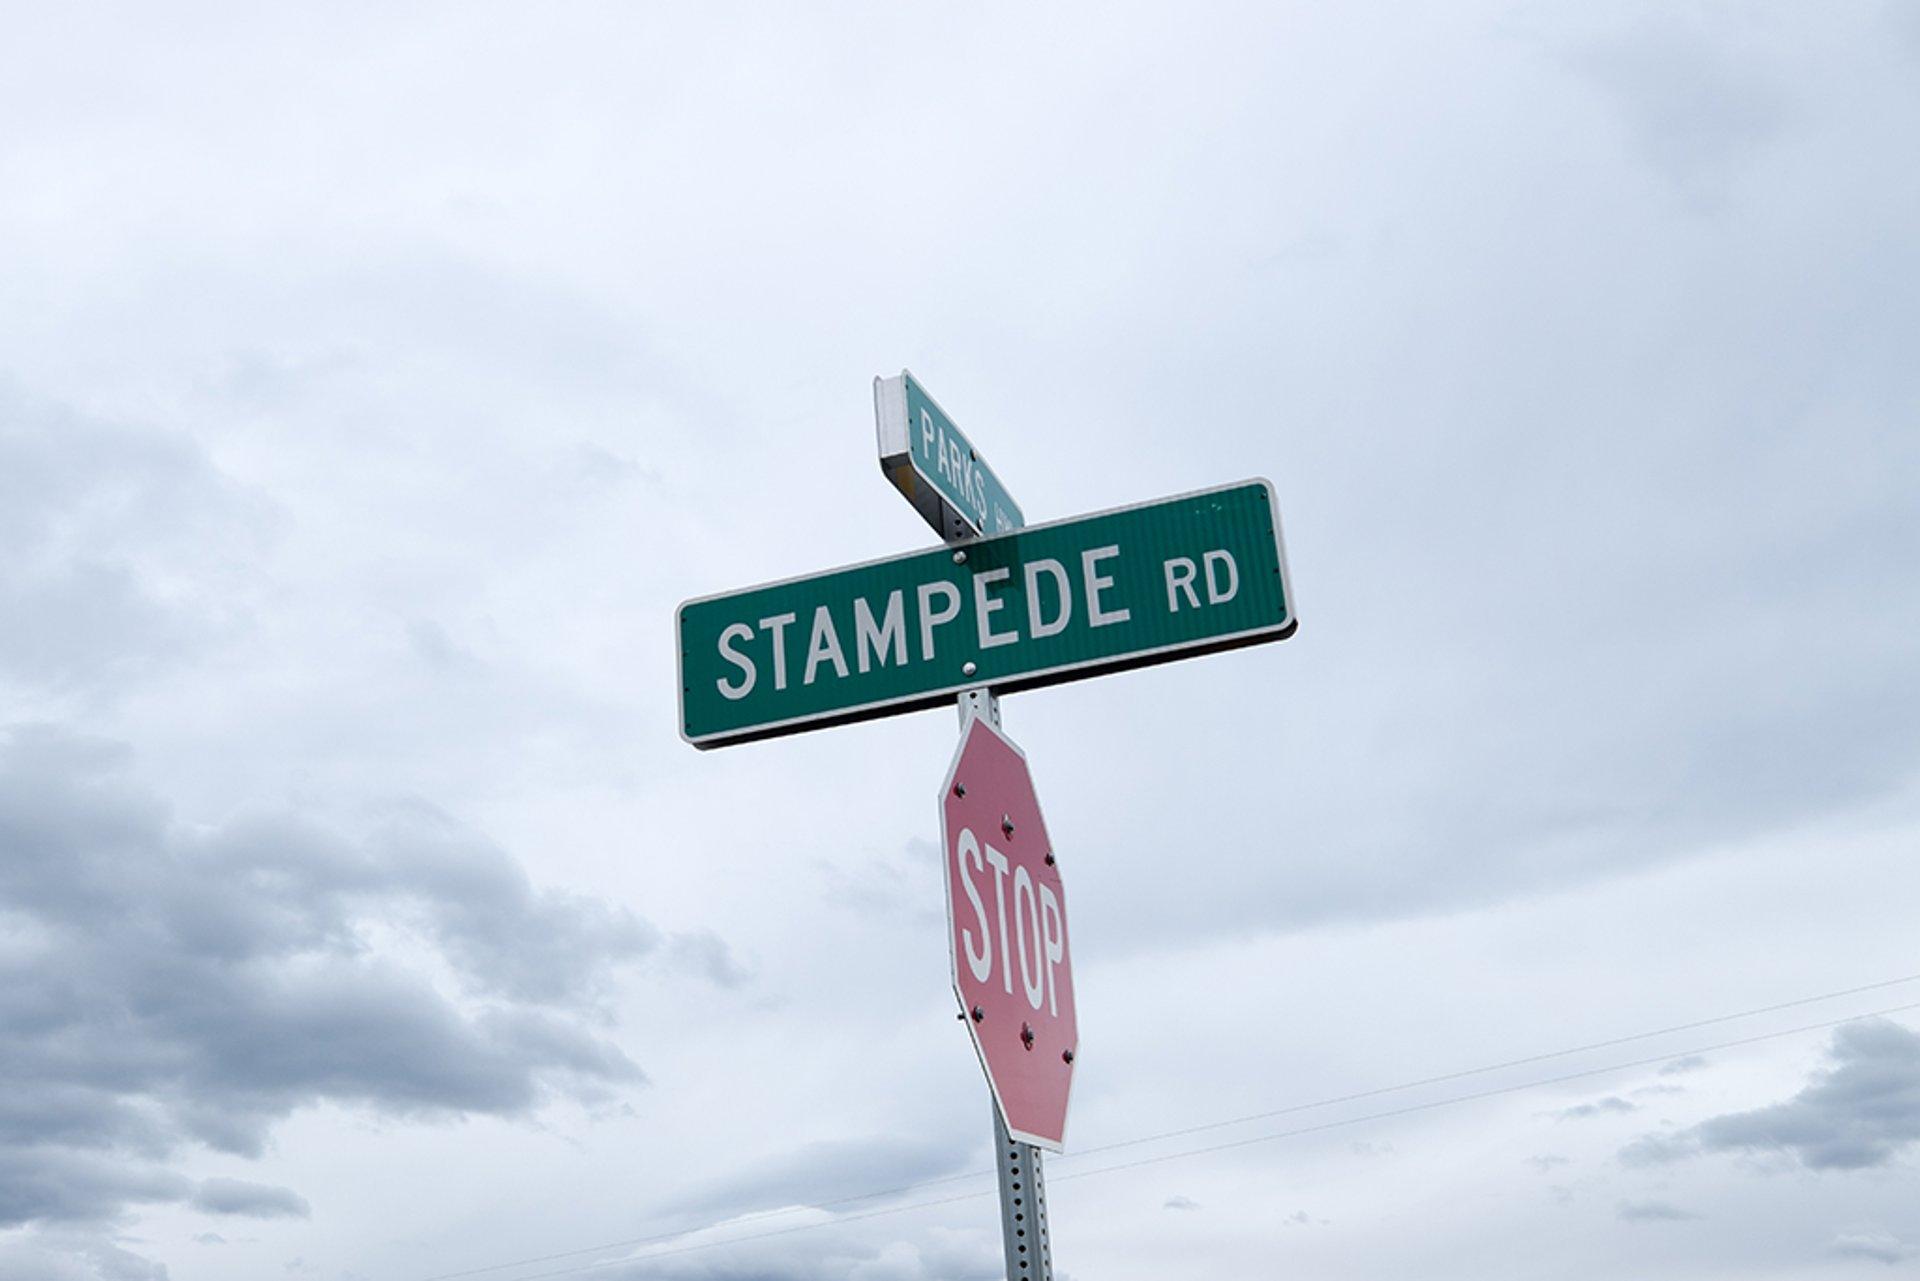 Stampede Trail and Bus 142 in Alaska - Best Season 2020